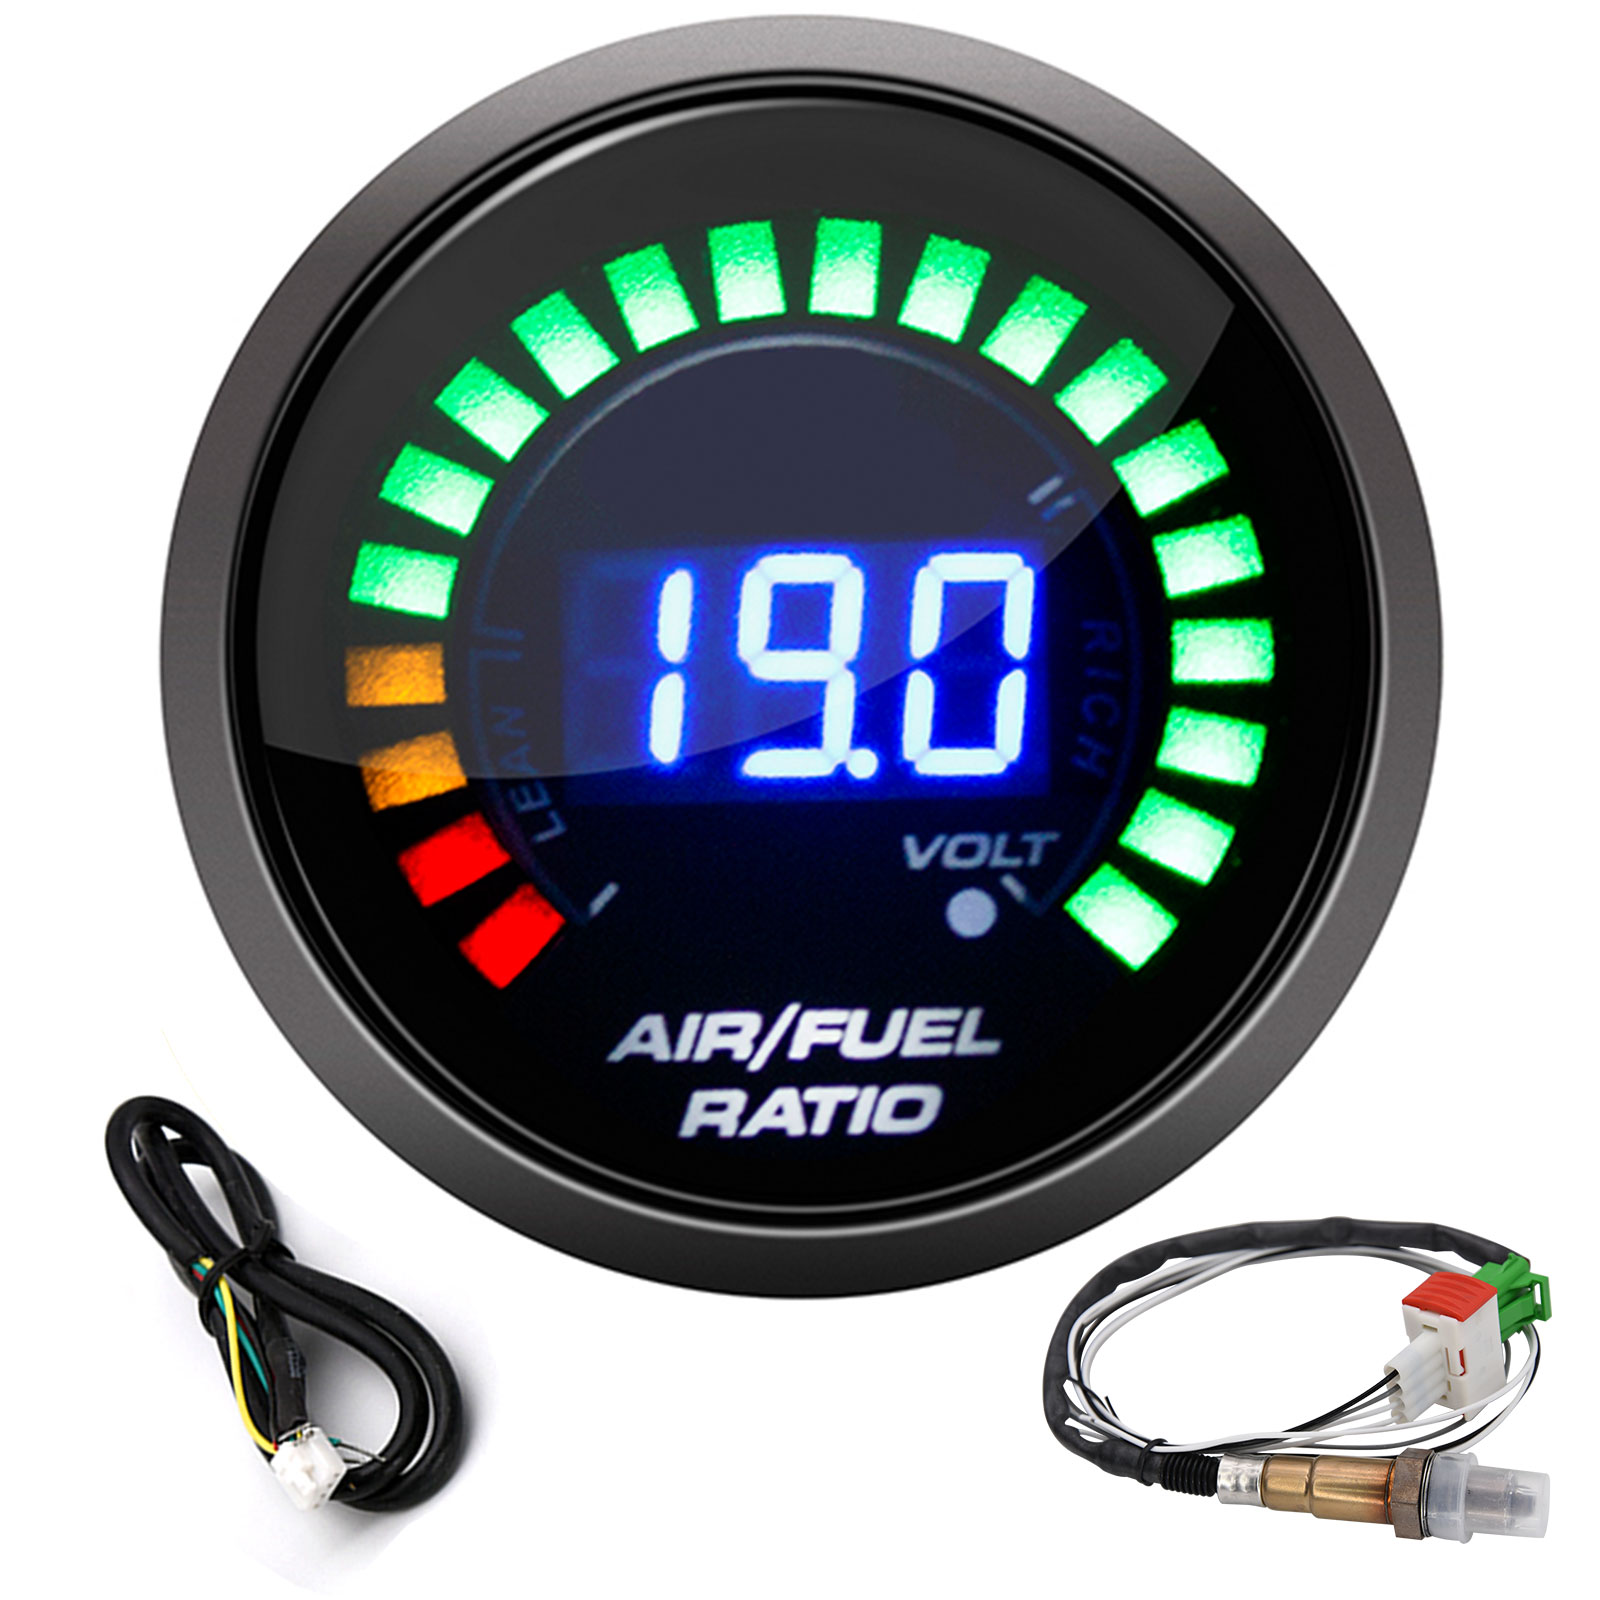 Air Fuel Ratio Gauge Narrowband O2 Oxygen Sensor Car Gauge Digital Display Fit for 12V Car 0258006028